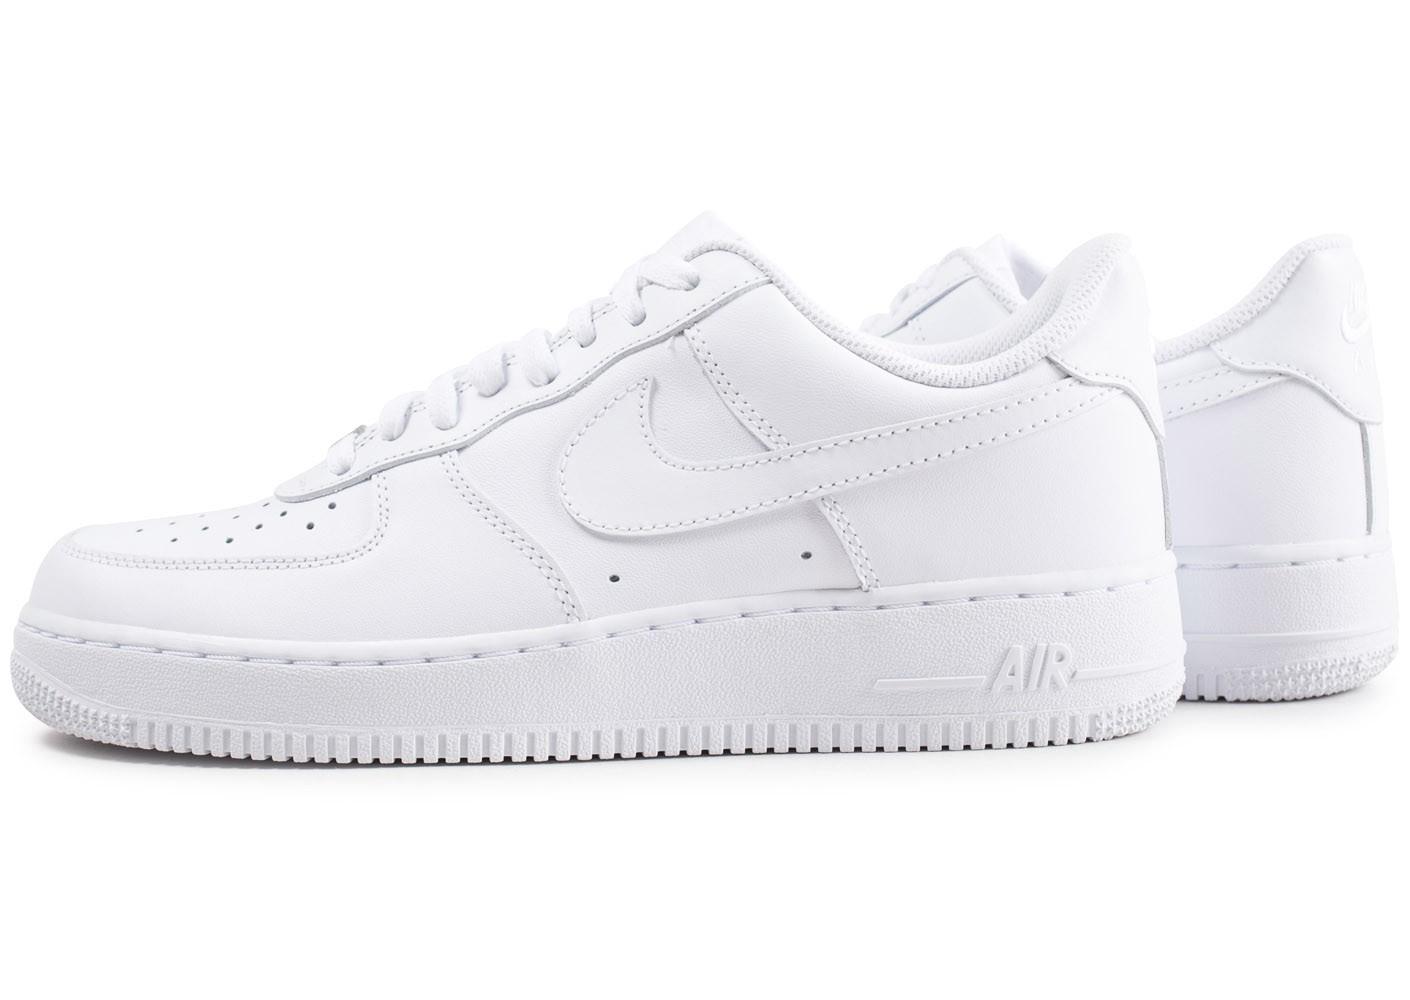 cheaper 65bec dcd6a BASKET NIKE Baskets Air Force 1 07 Chaussures Homme basket nike air force  one homme,nike pas cher air force 1 low noir,air force ... ... Chaussures  Nike Air ...